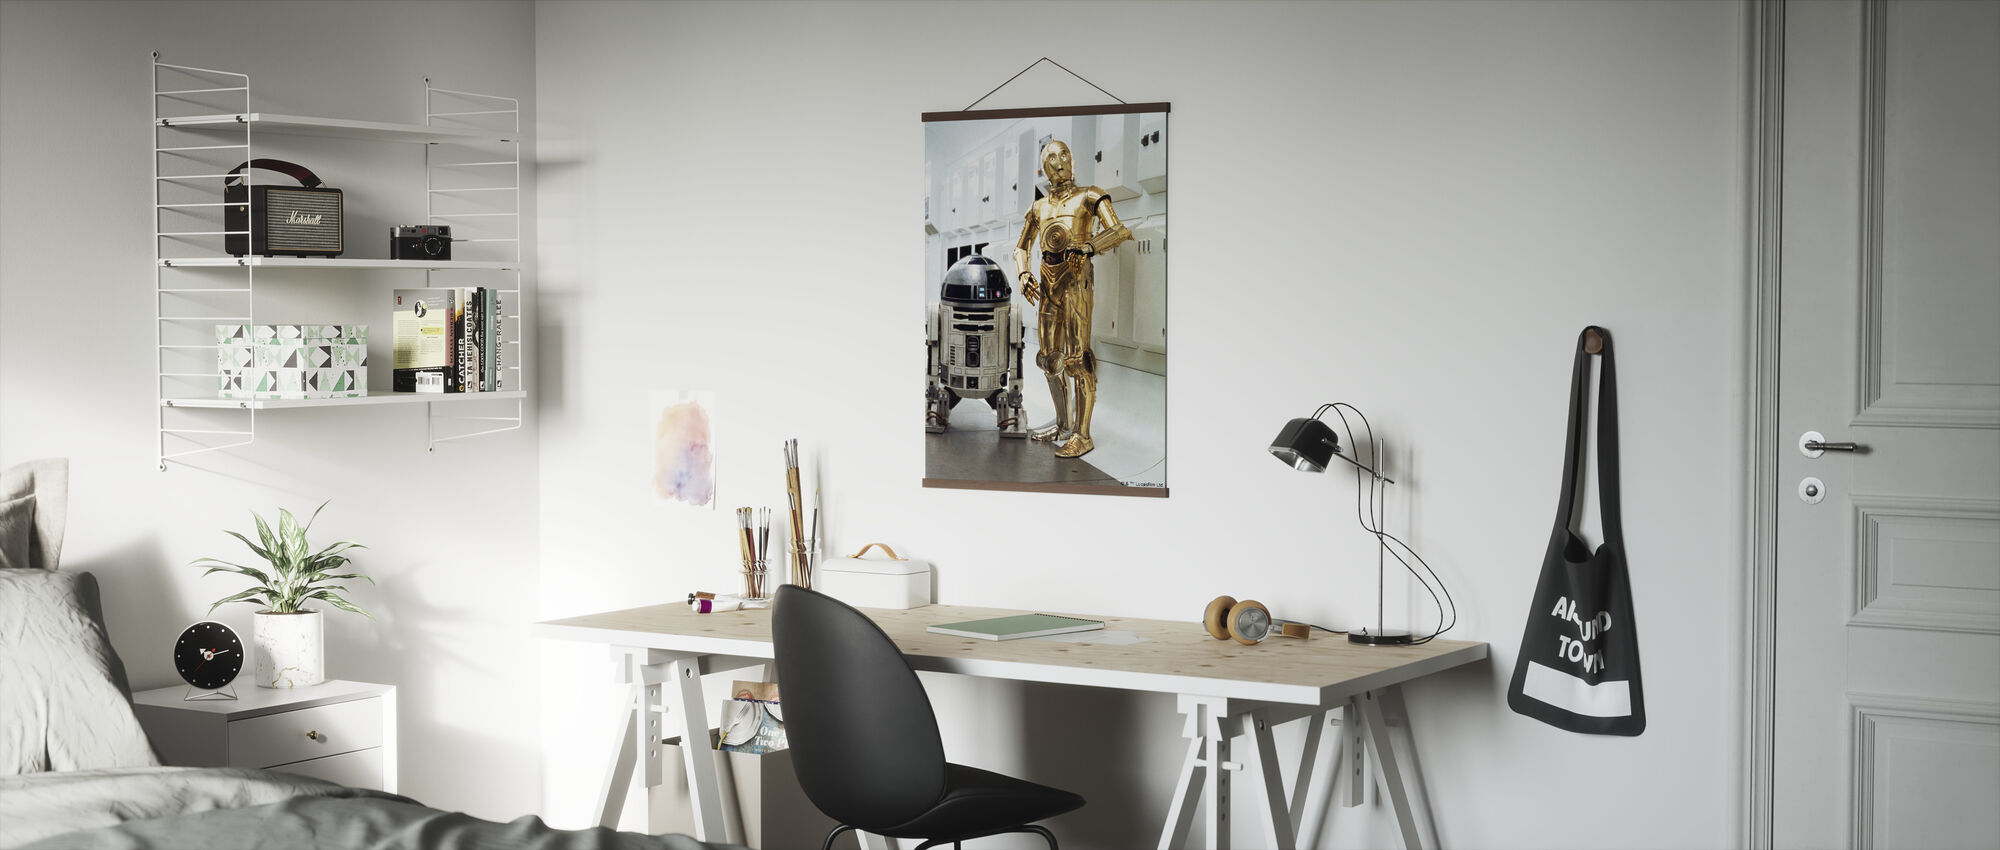 Star Wars - R2-D2 ja C-3PO Interiors - Juliste - Toimisto